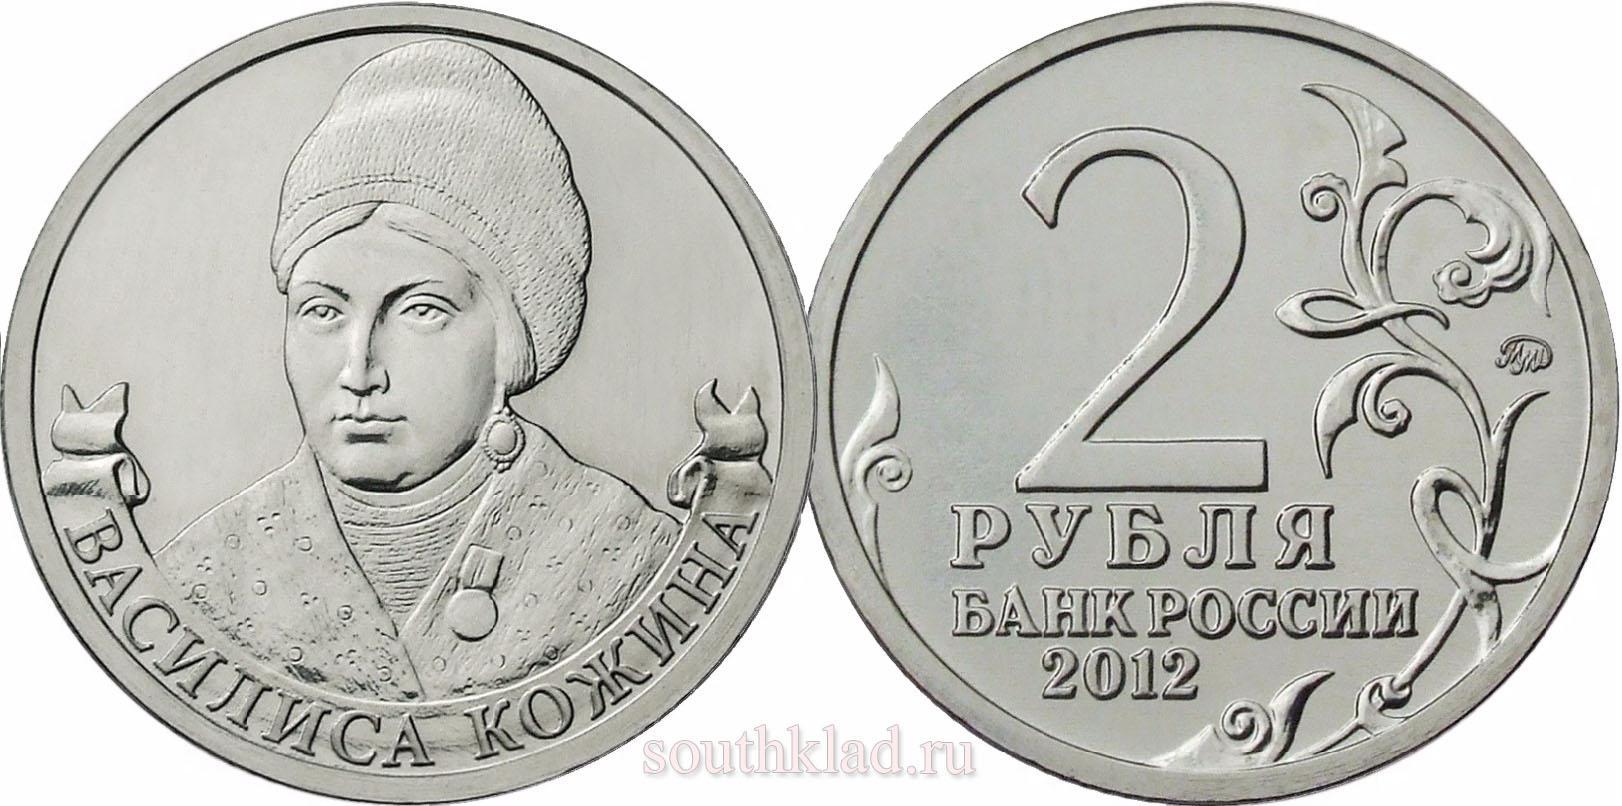 """2 рубля 2012 года """"Василиса Кожина"""""""